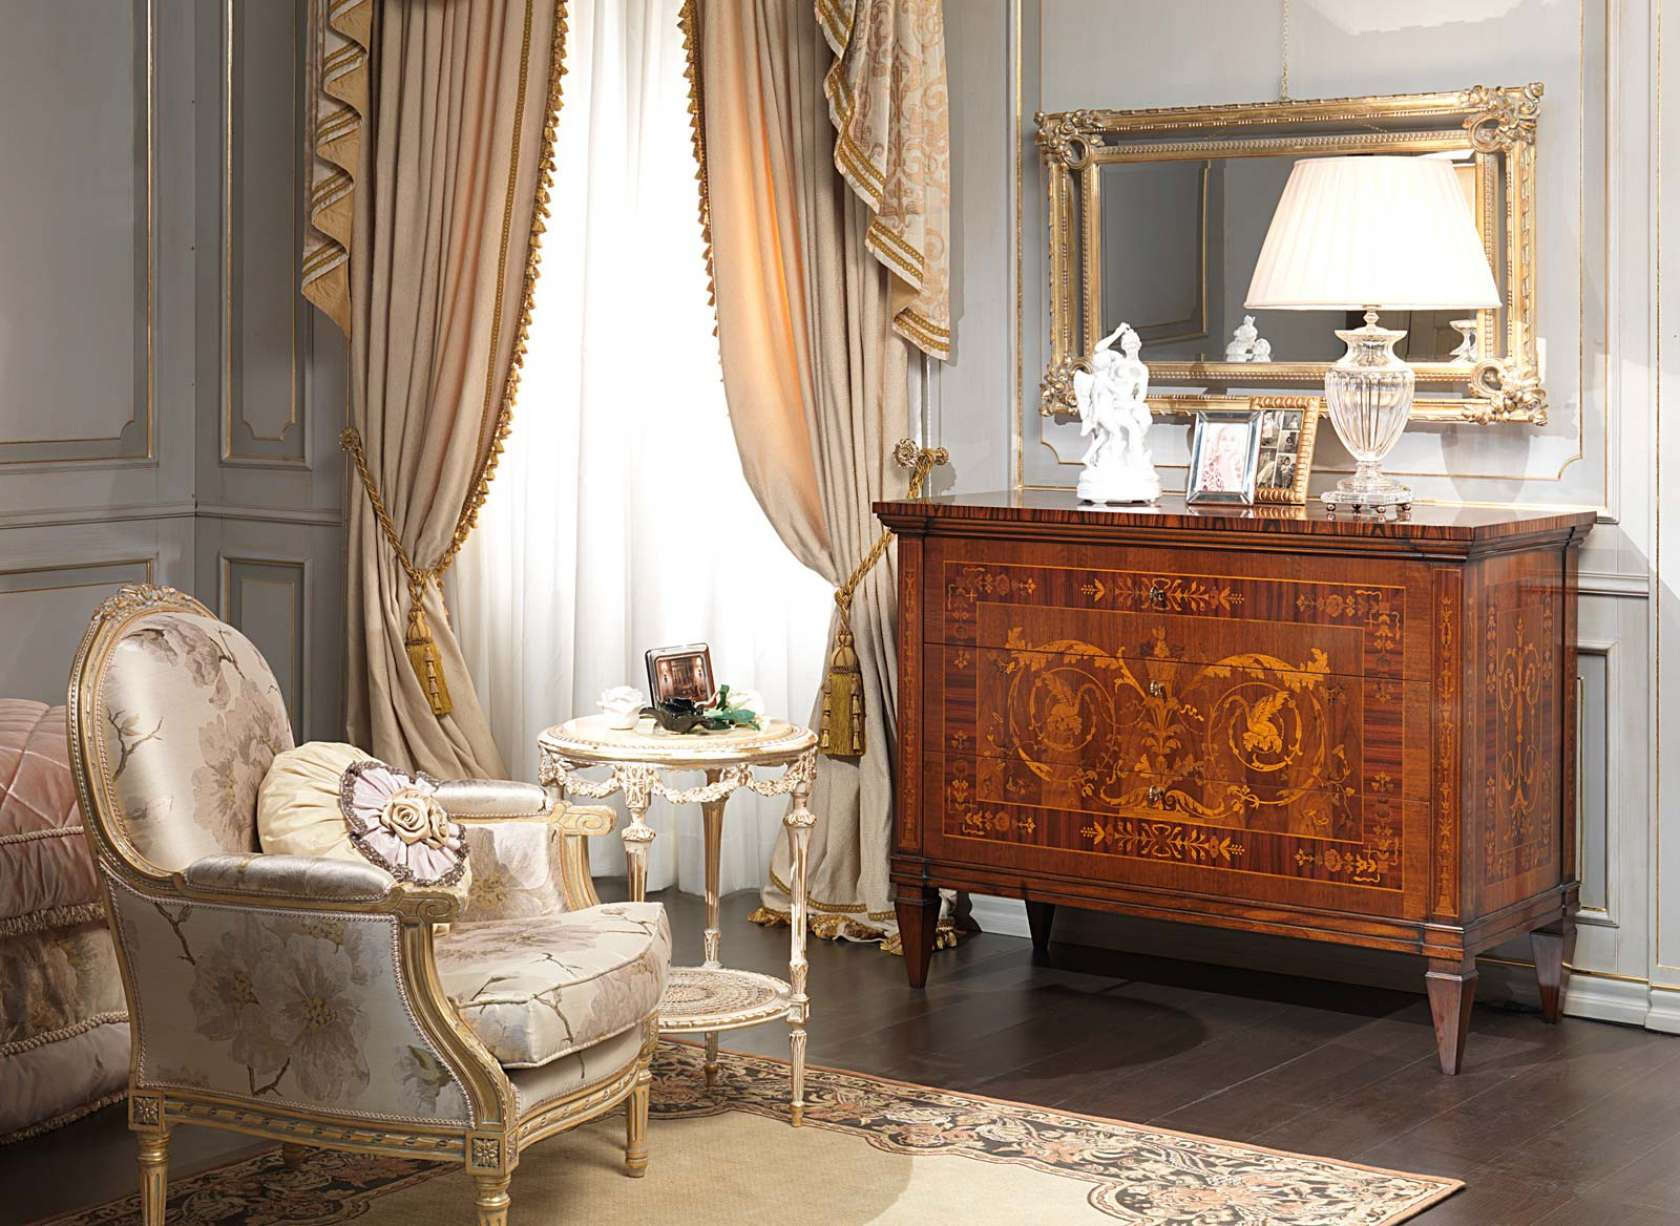 camera da letto classica i maggiolini, comò, specchiera, poltrona ... - Como Per Camera Da Letto